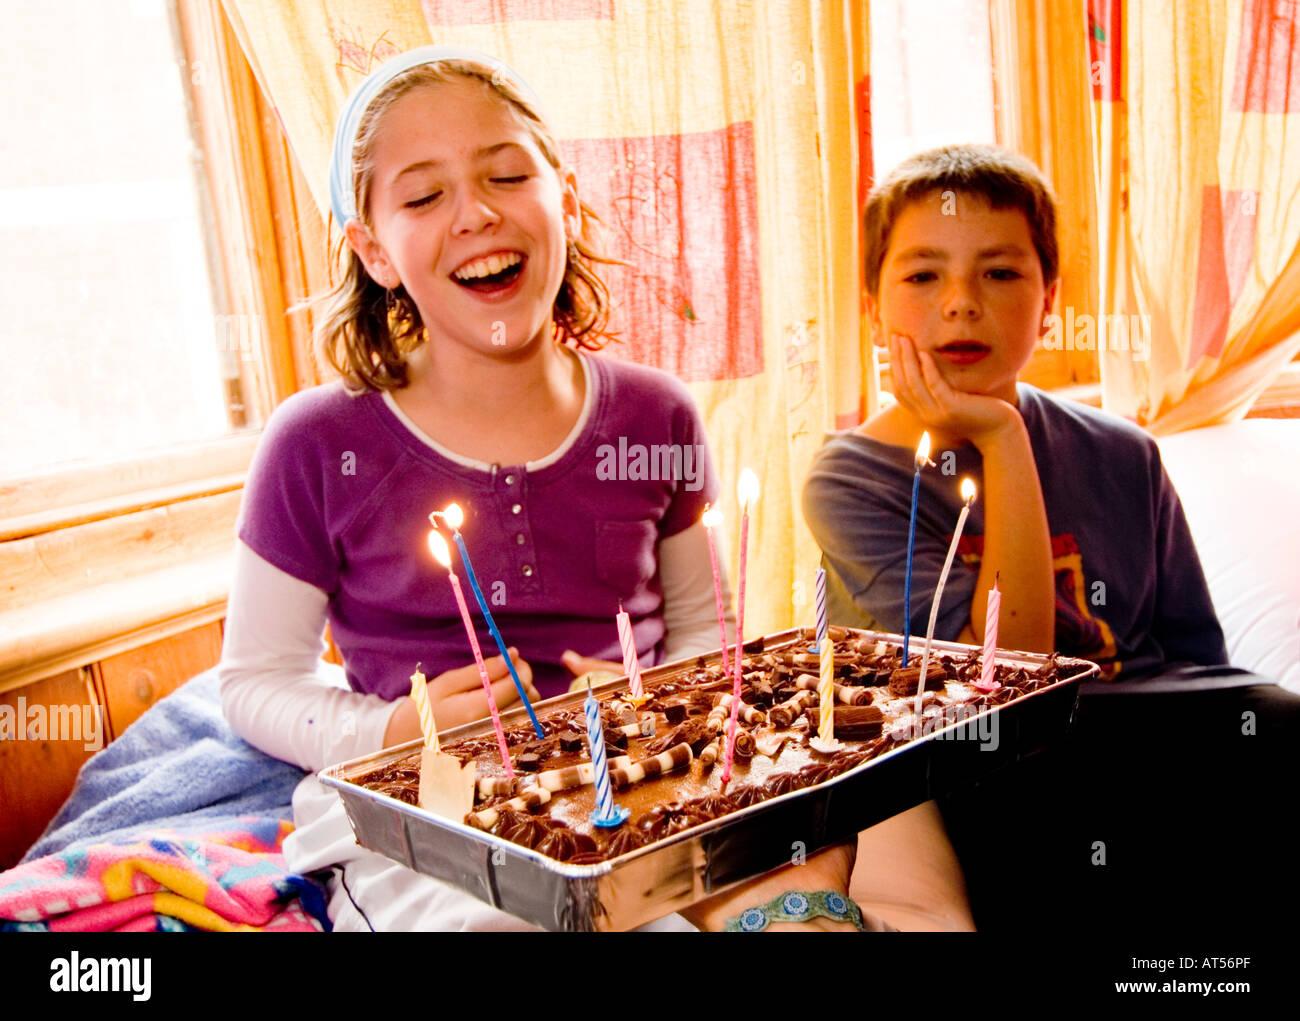 Glücklich Lächelnd Junges Mädchen Feiern Ihren 12 Geburtstag Mit